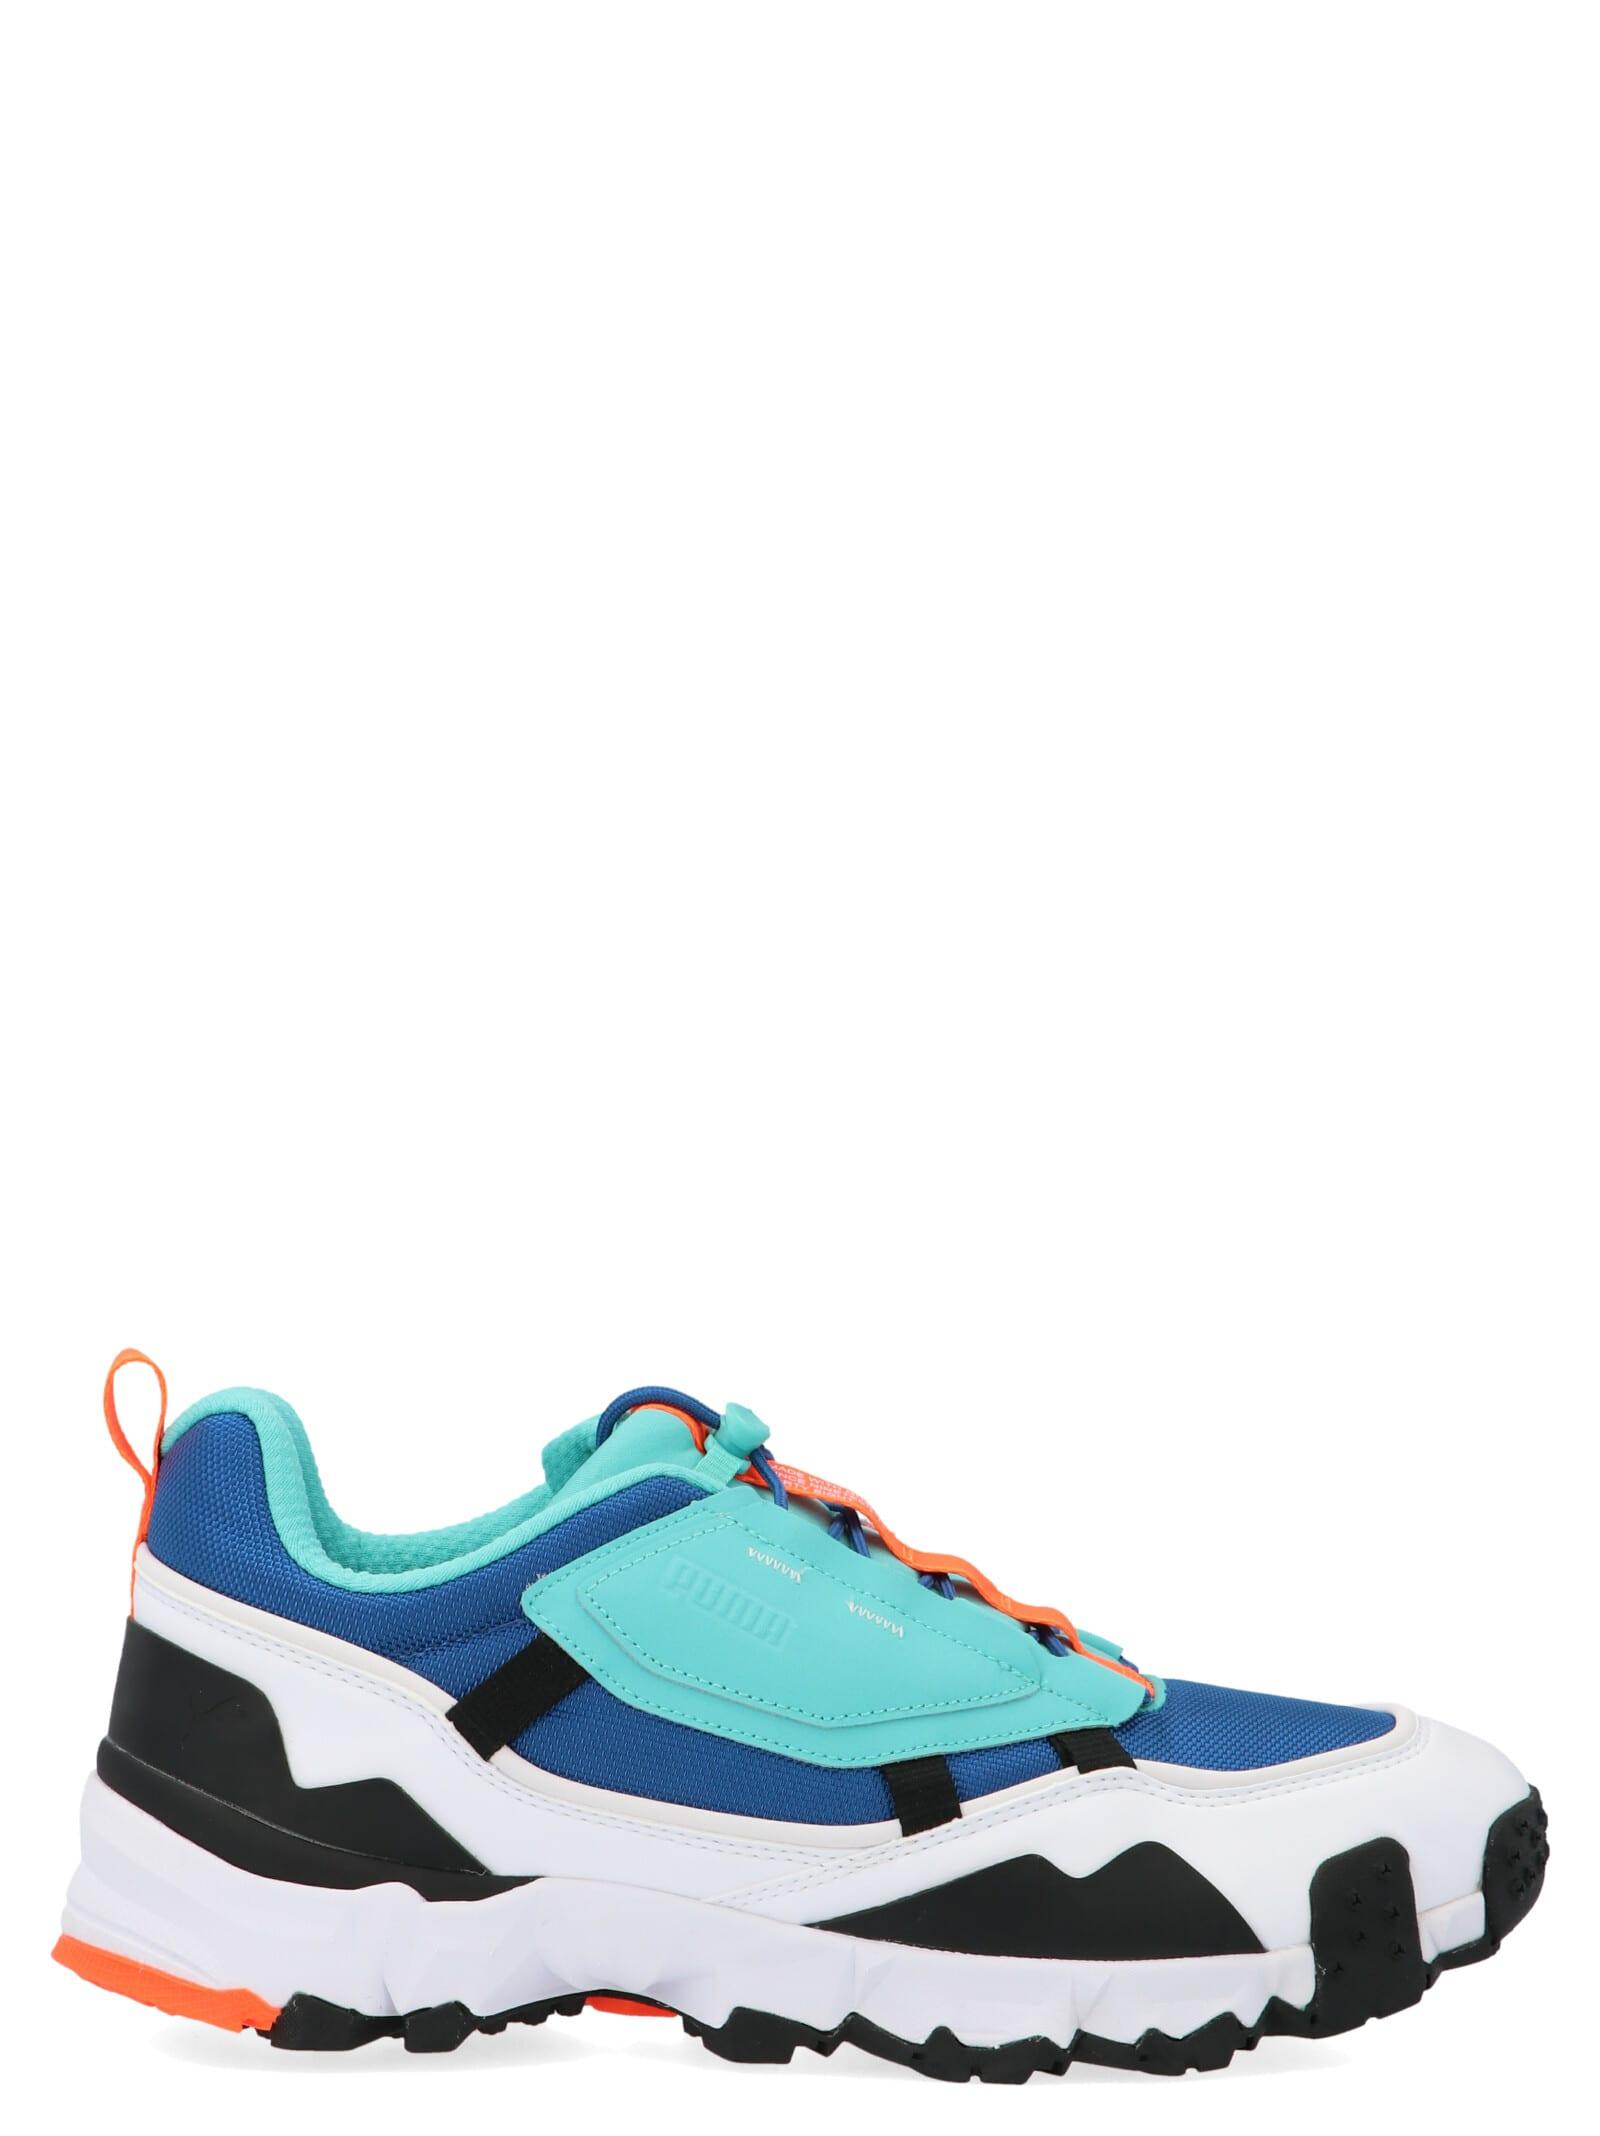 Puma trailfox Overland Shoes